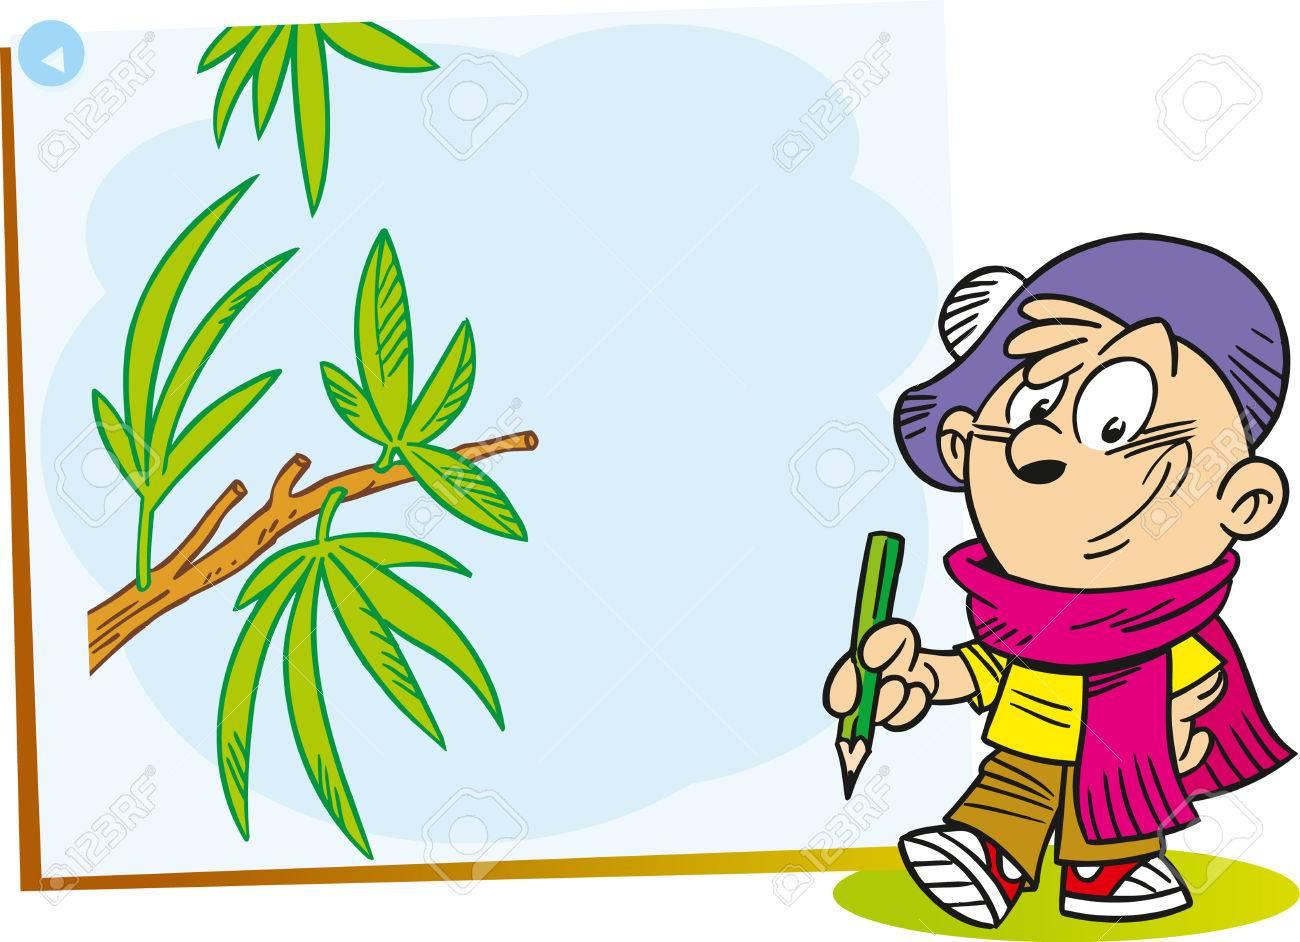 child arts artist tree people paints image cartoon paintings